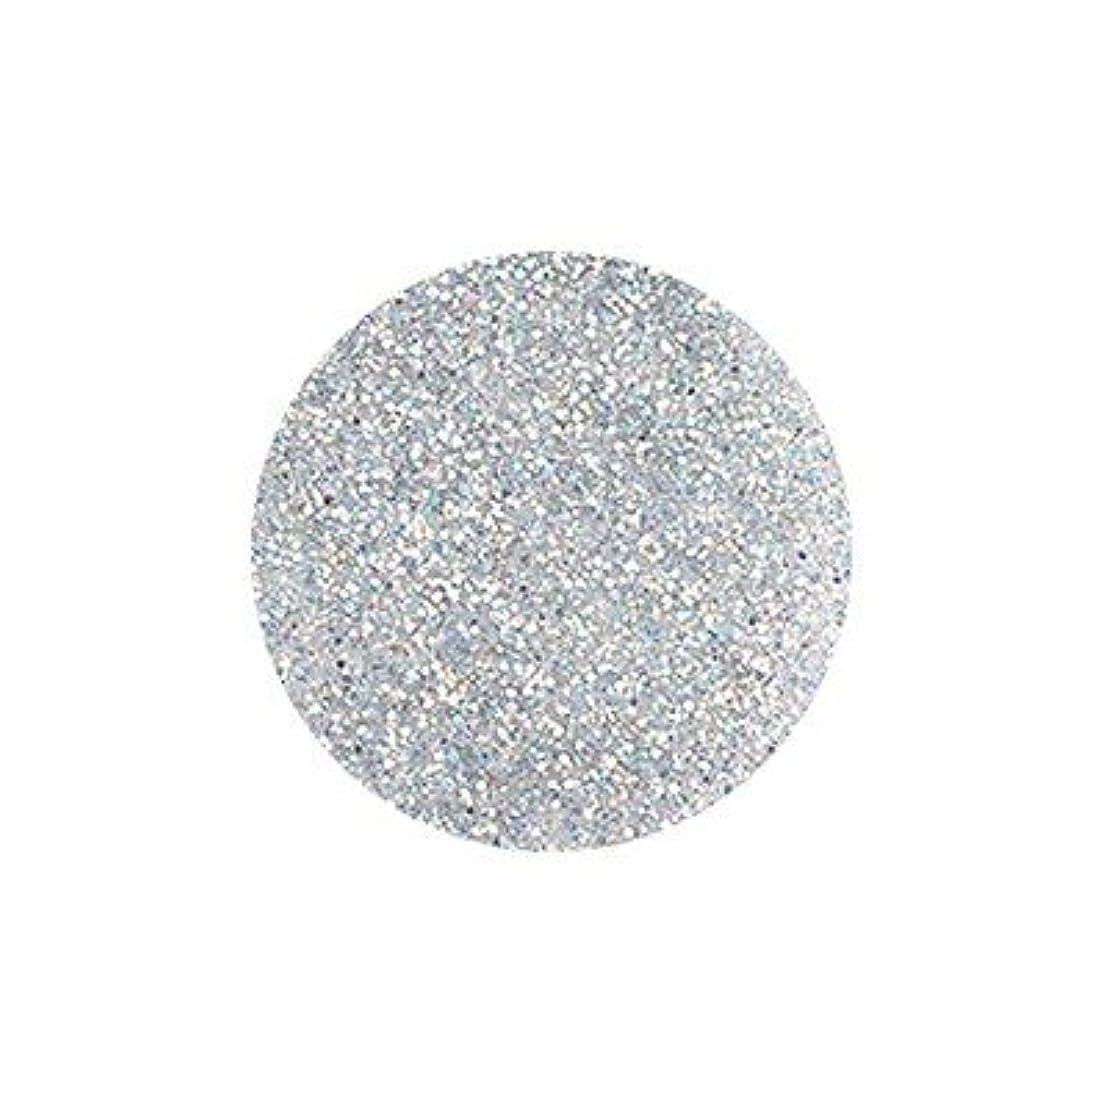 伝導率つかまえる同等のFANTASY NAIL ダイヤモンドコレクション 3g 4264XS カラーパウダー アート材